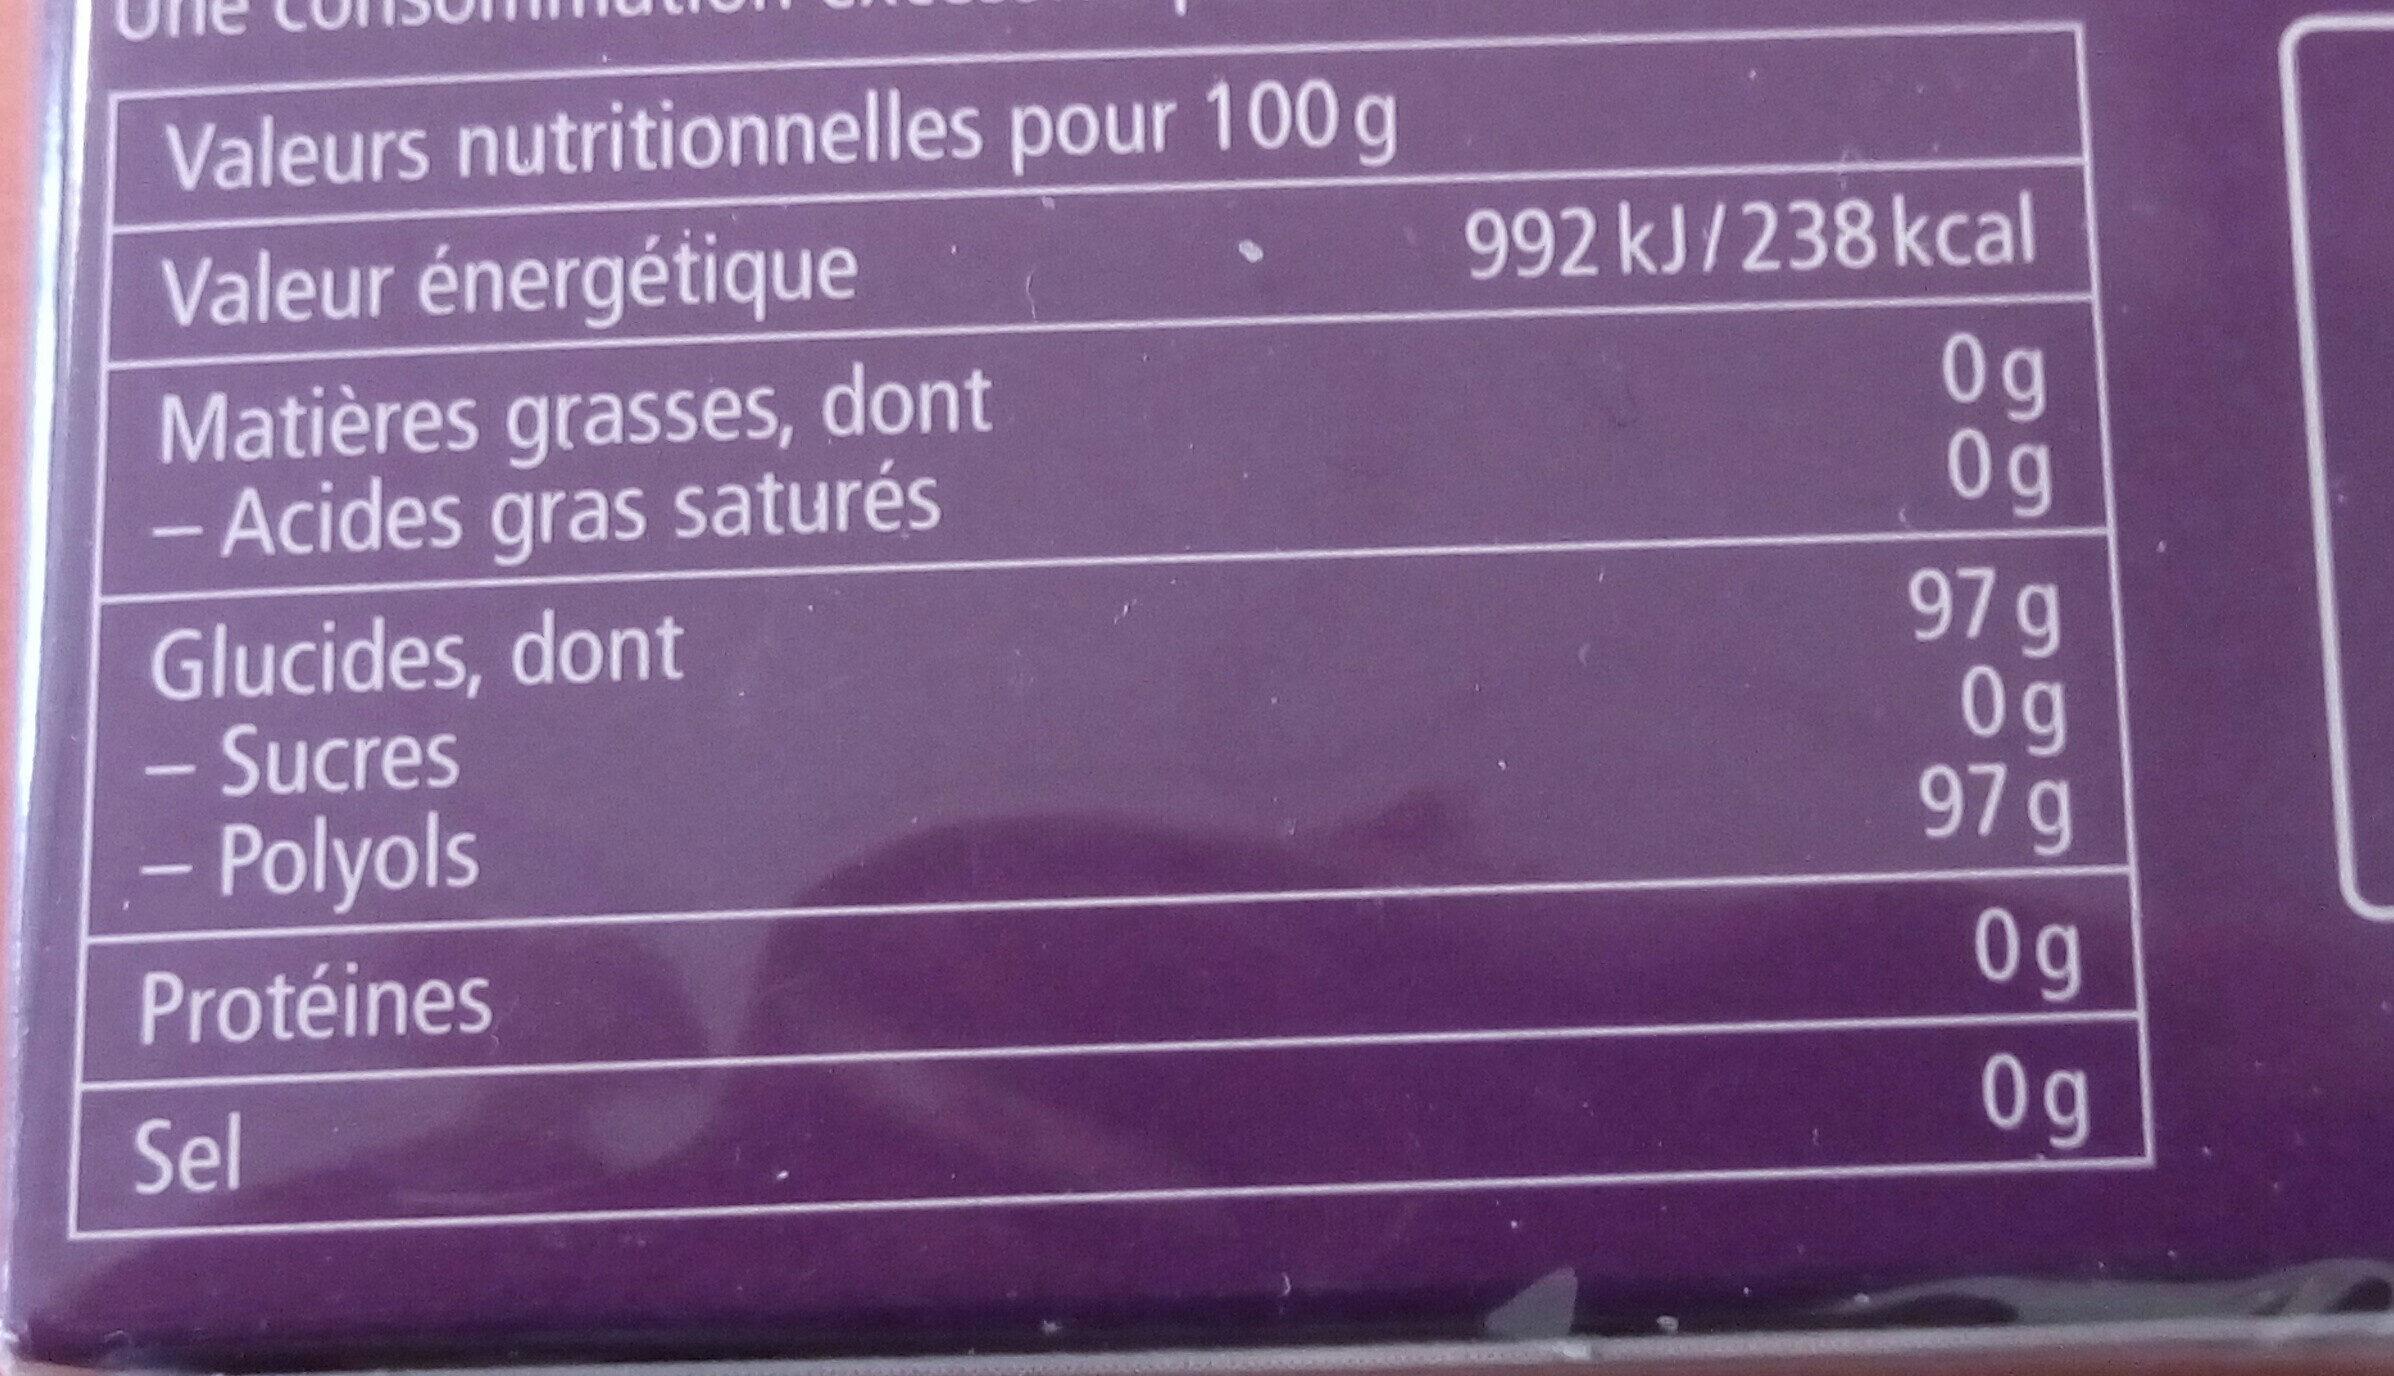 Bonbons Fleurs de sureau - Informations nutritionnelles - fr